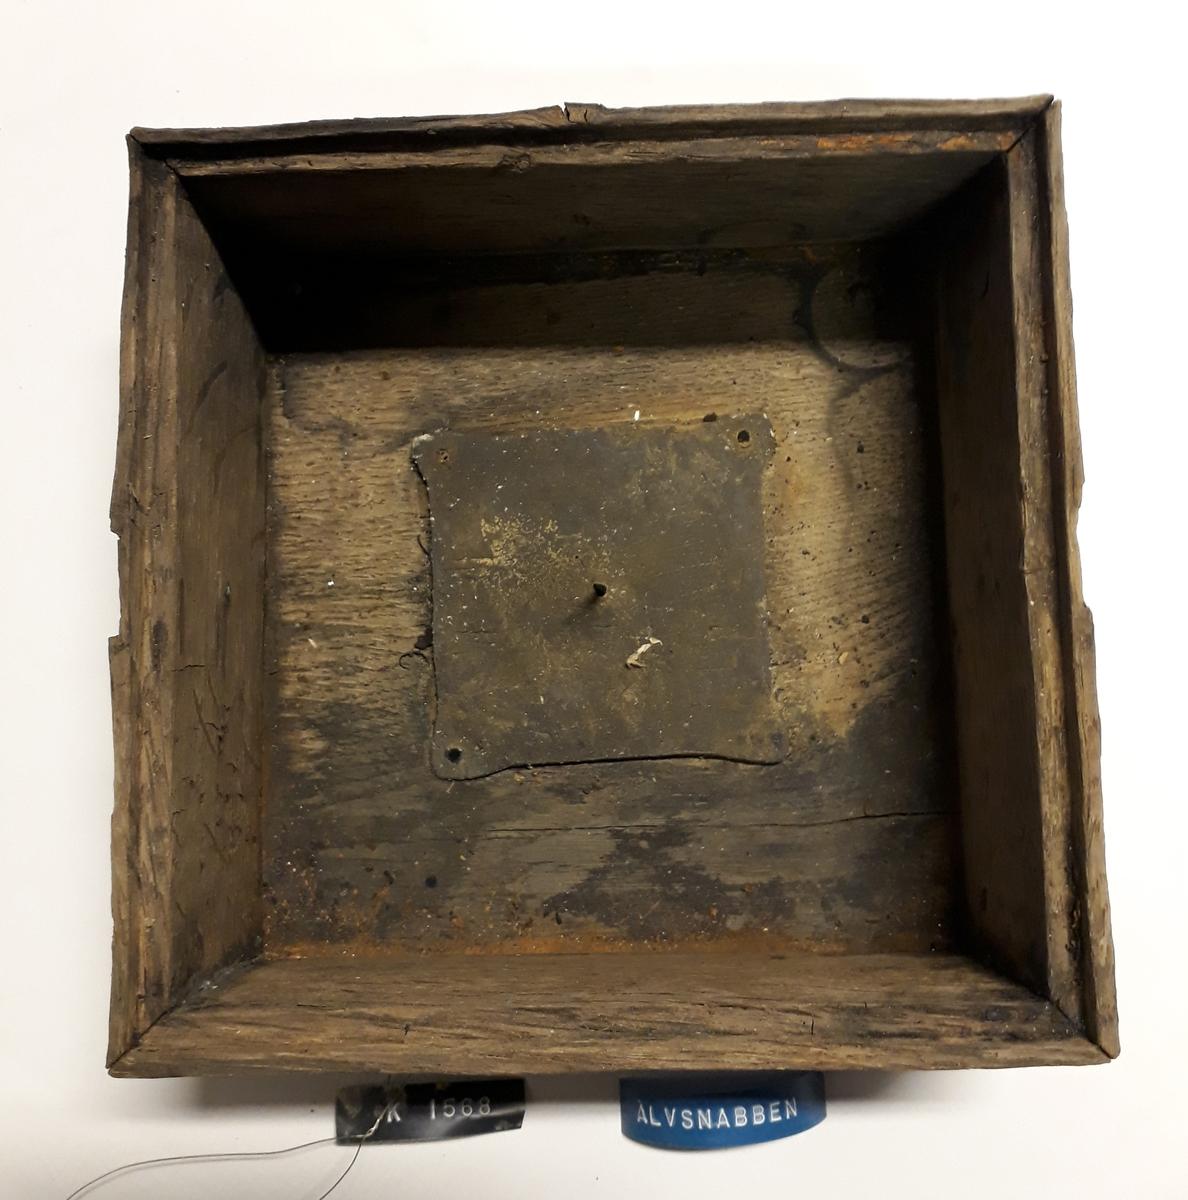 Kompass bärgad från Älvsnabbenvraket. Består av yttre trädåda med en inre låda upphängd i ett mässingsbeslag (se bilaga med rekonstruktion av kardanupphängningen). Ett av de äldsta kända kompasserna från handelsskepp från tidigt 1700-tal.  Innerlåda för kompassupphängning. Lådan är hopsinkad av 11 mm tjocka brädor. Överkanten har en 5 mm fals för en glasskiva (4a) som låg intakt på lådan då den hittades. I lådans botten är en kvadratisk blyplåt fastnitad för att hålla tyngdpunkten låg. i mitten av plåten upphängningsspets av mässing.